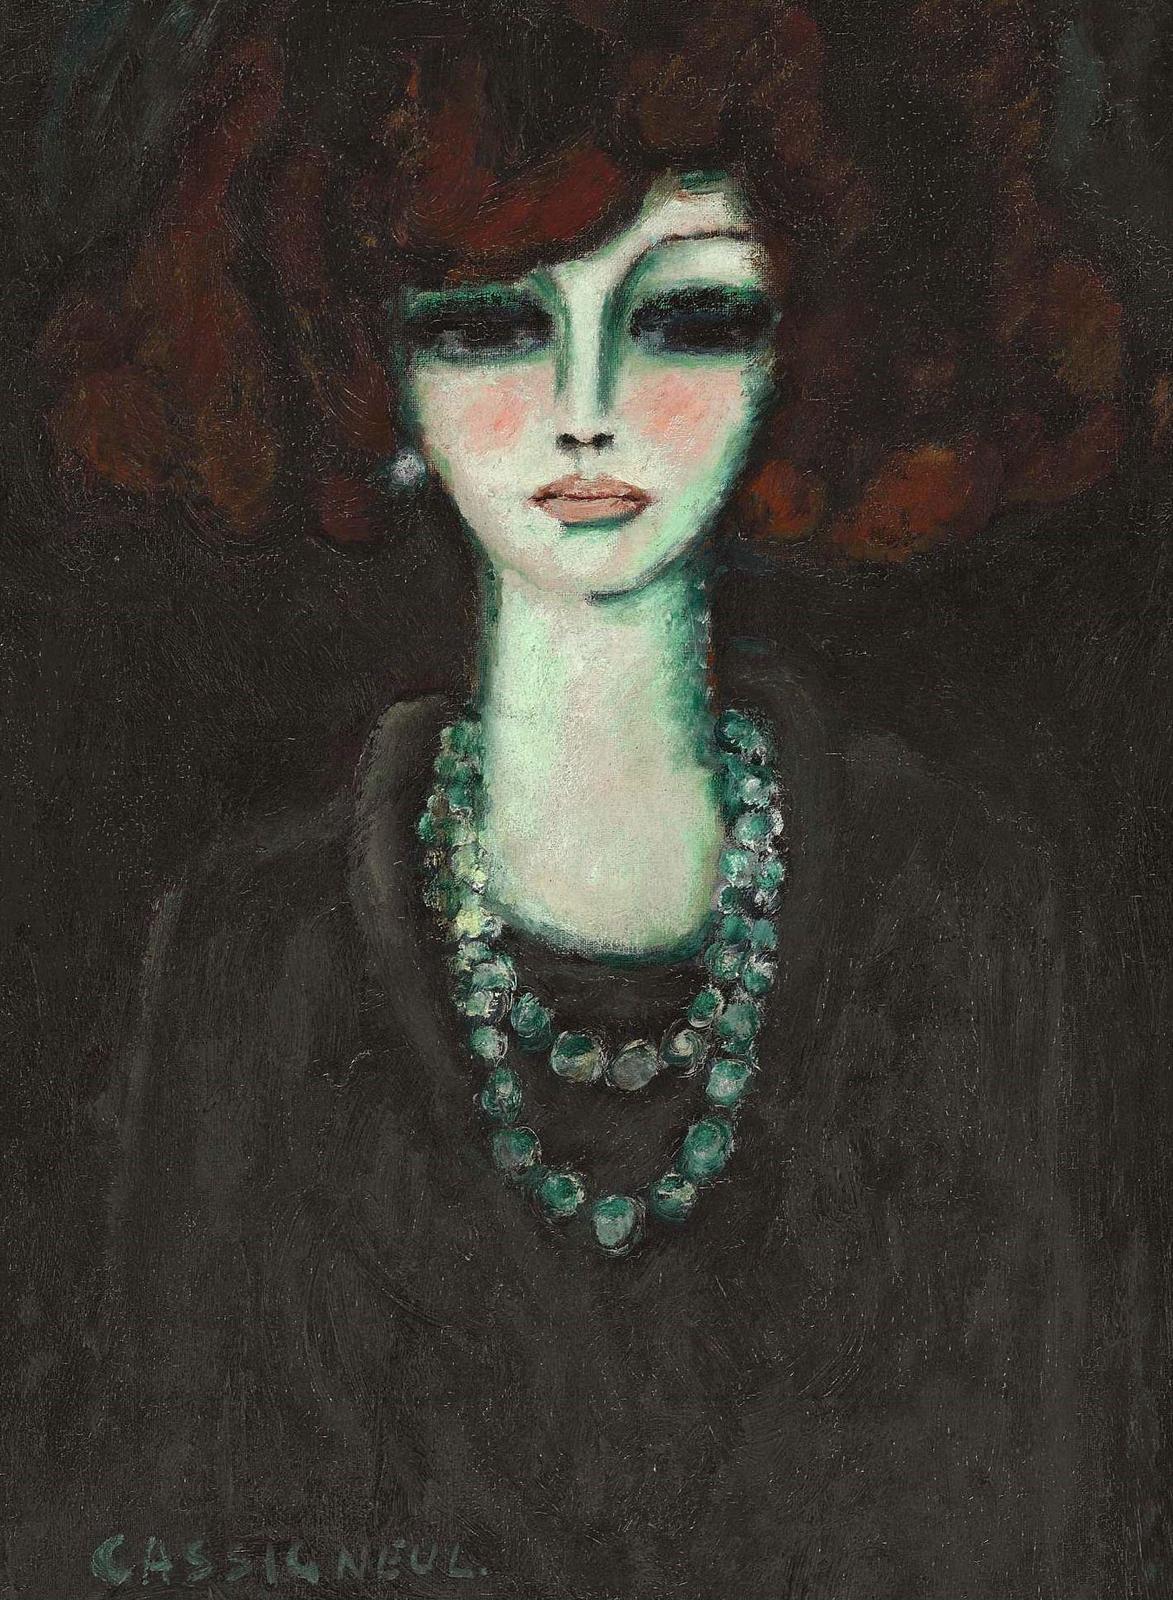 1967_Женщина с ожерельем (Femme avec le collier)_61 x 46_х.,м._Частное собрание.jpg